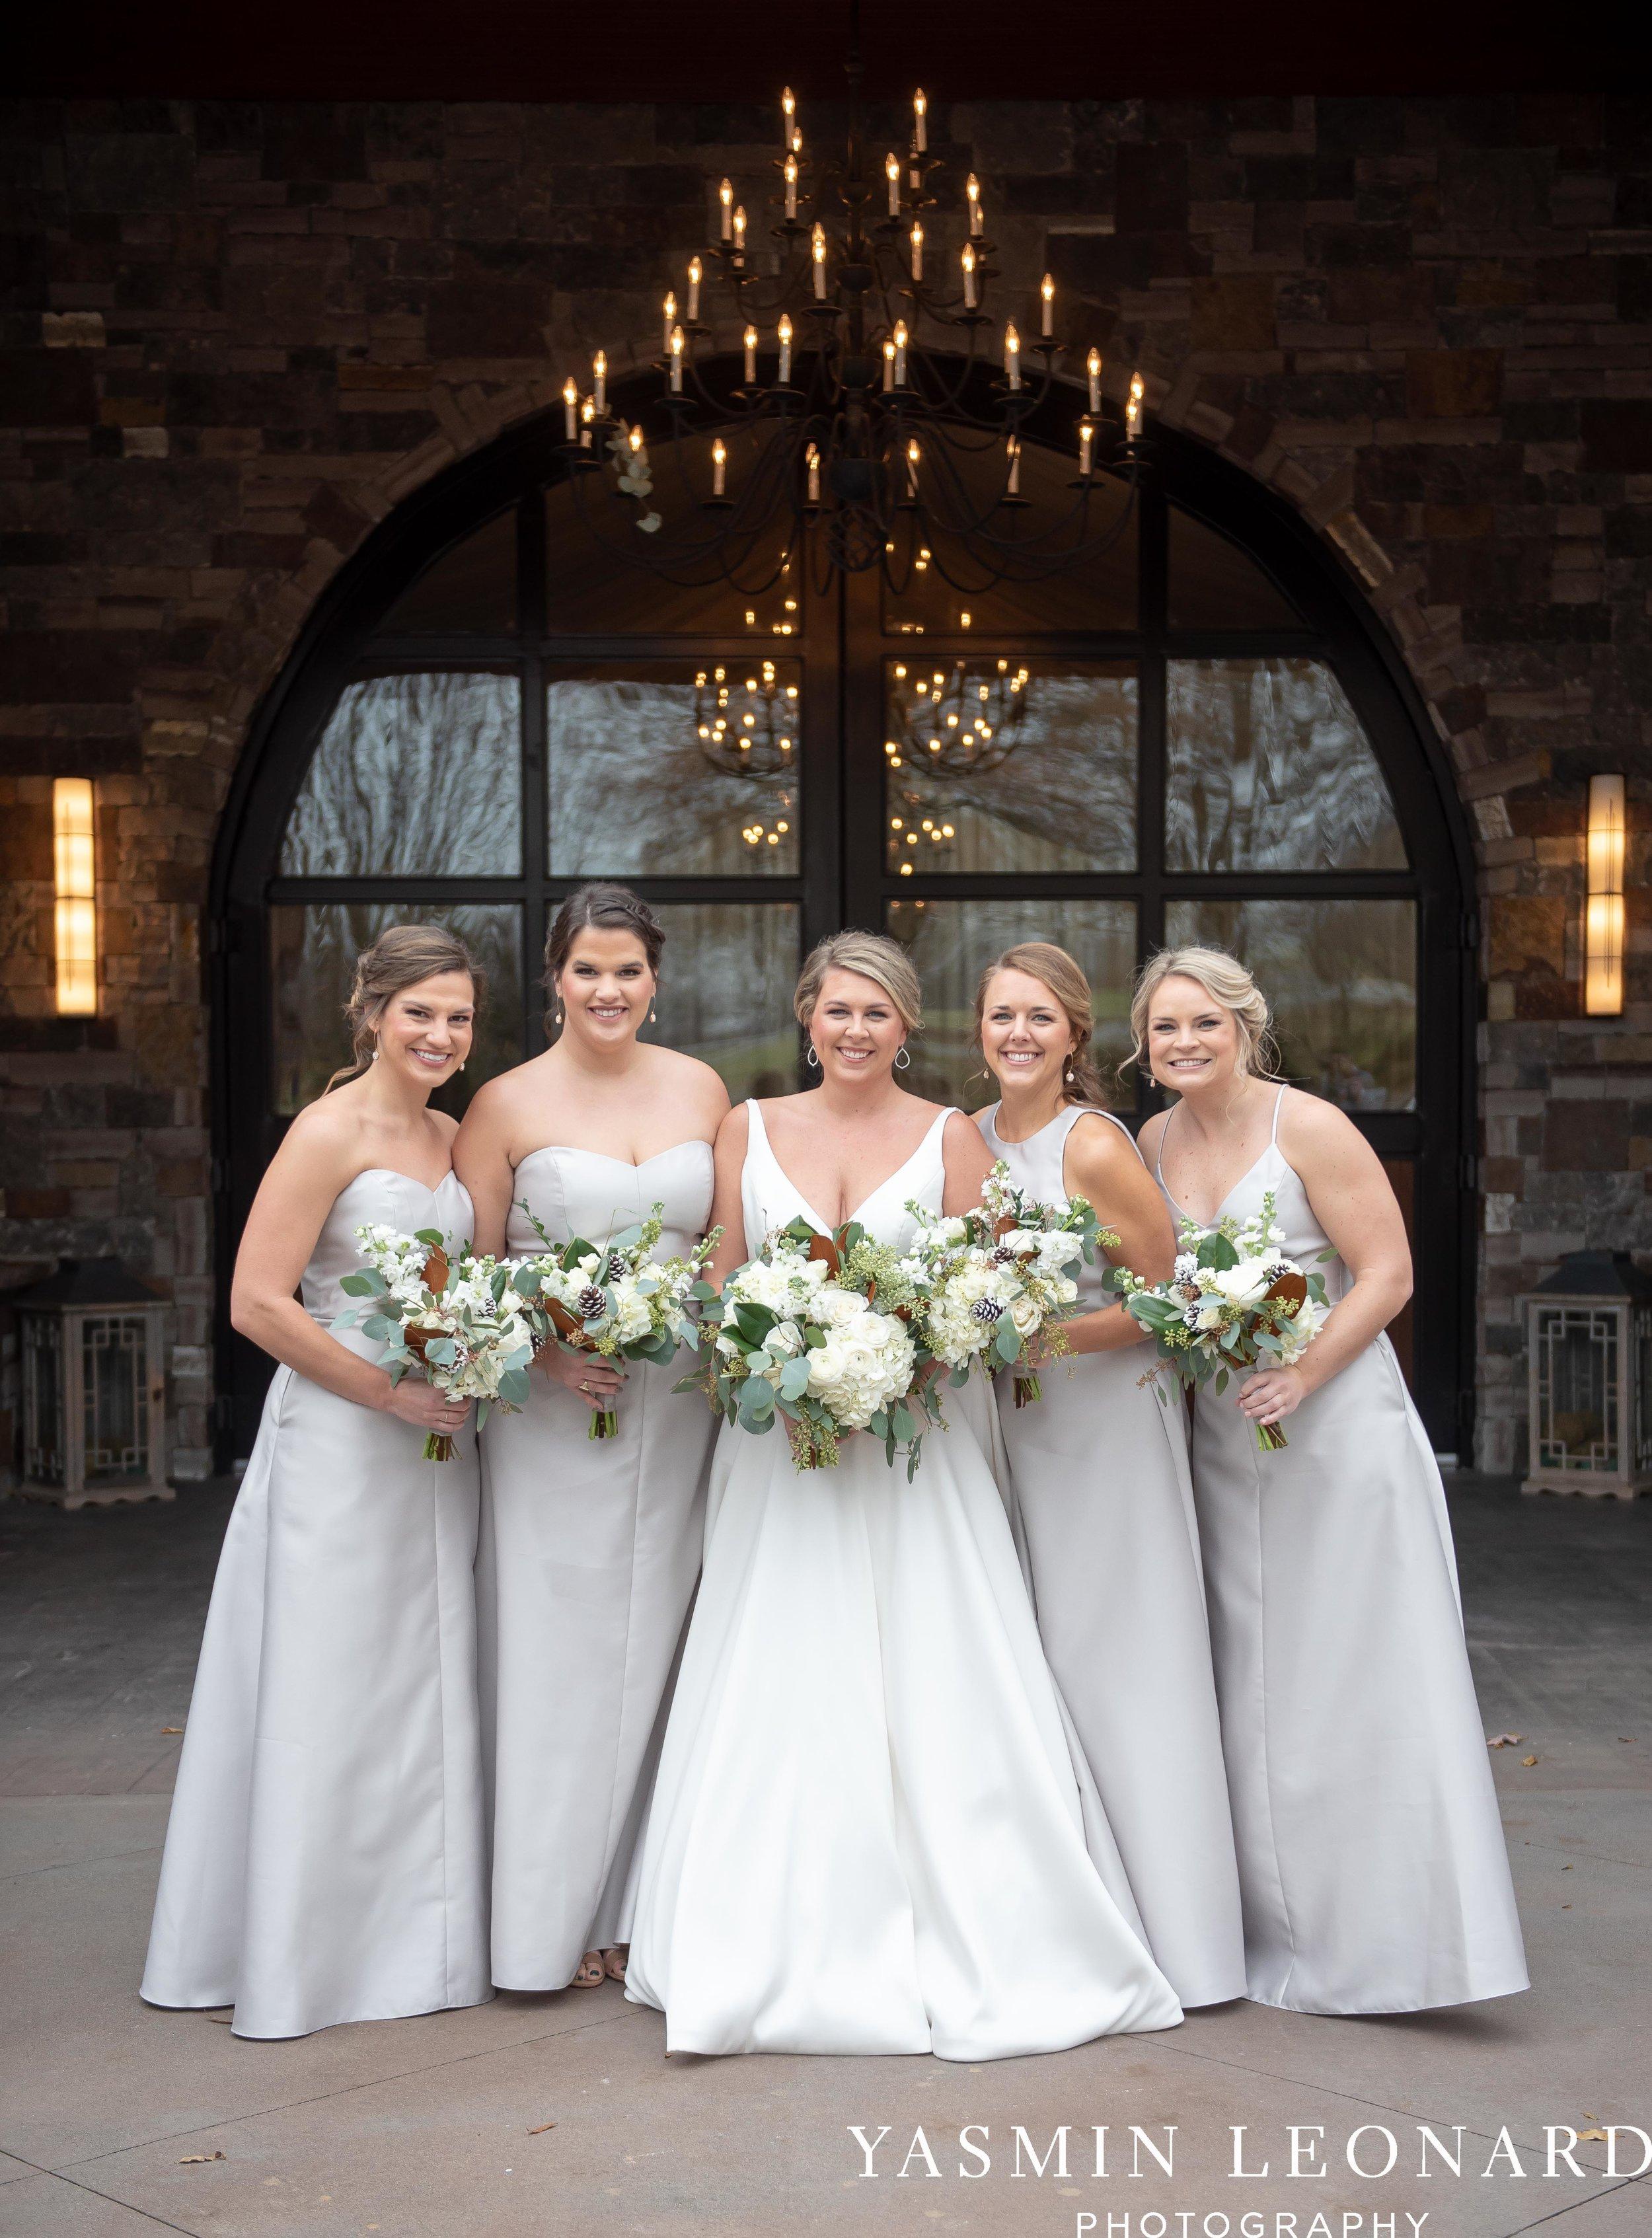 Adaumont Farm - Wesley Memorial Weddings - High Point Weddings - Just Priceless - NC Wedding Photographer - Yasmin Leonard Photography - High Point Wedding Vendors-11.jpg